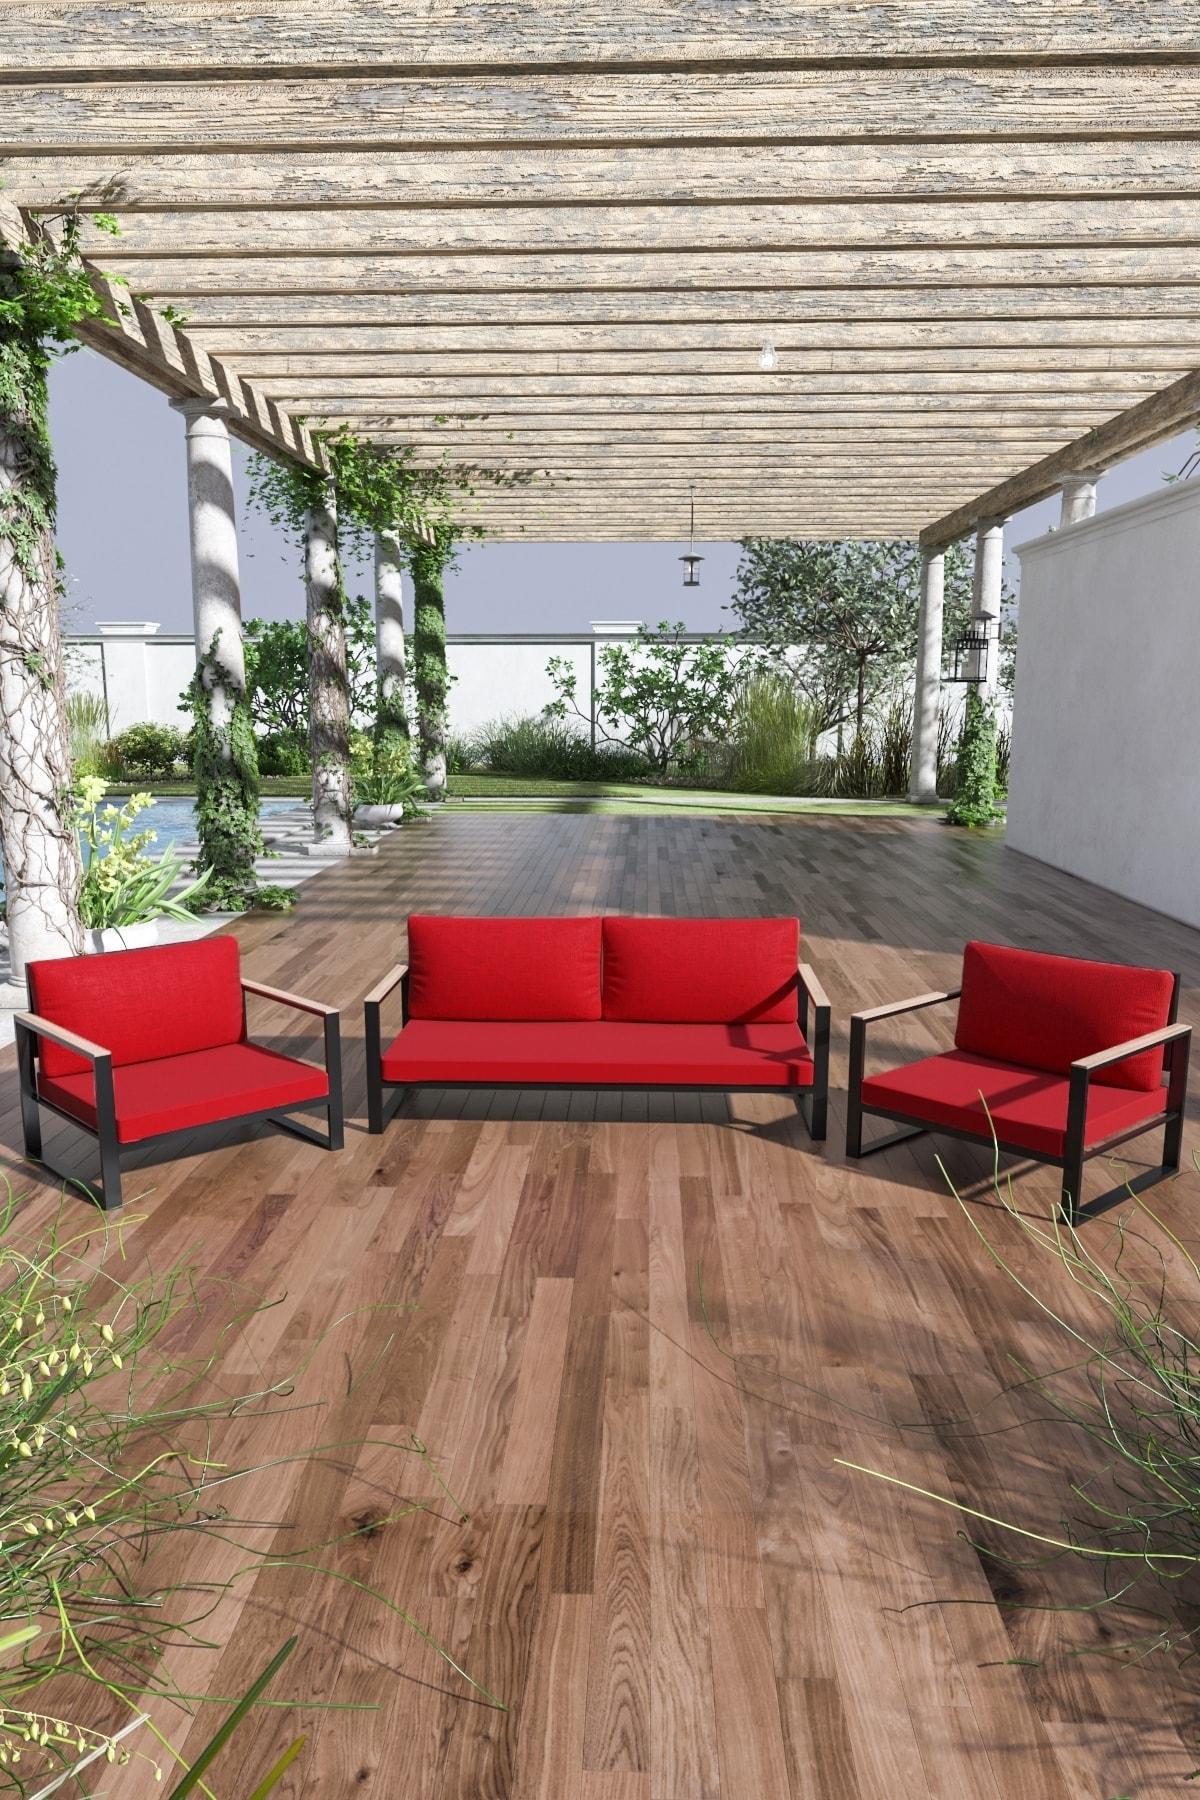 Evdemo Kobalt Bahçe Balkon Oturma Takımı 2+1+1 Kırmızı 1